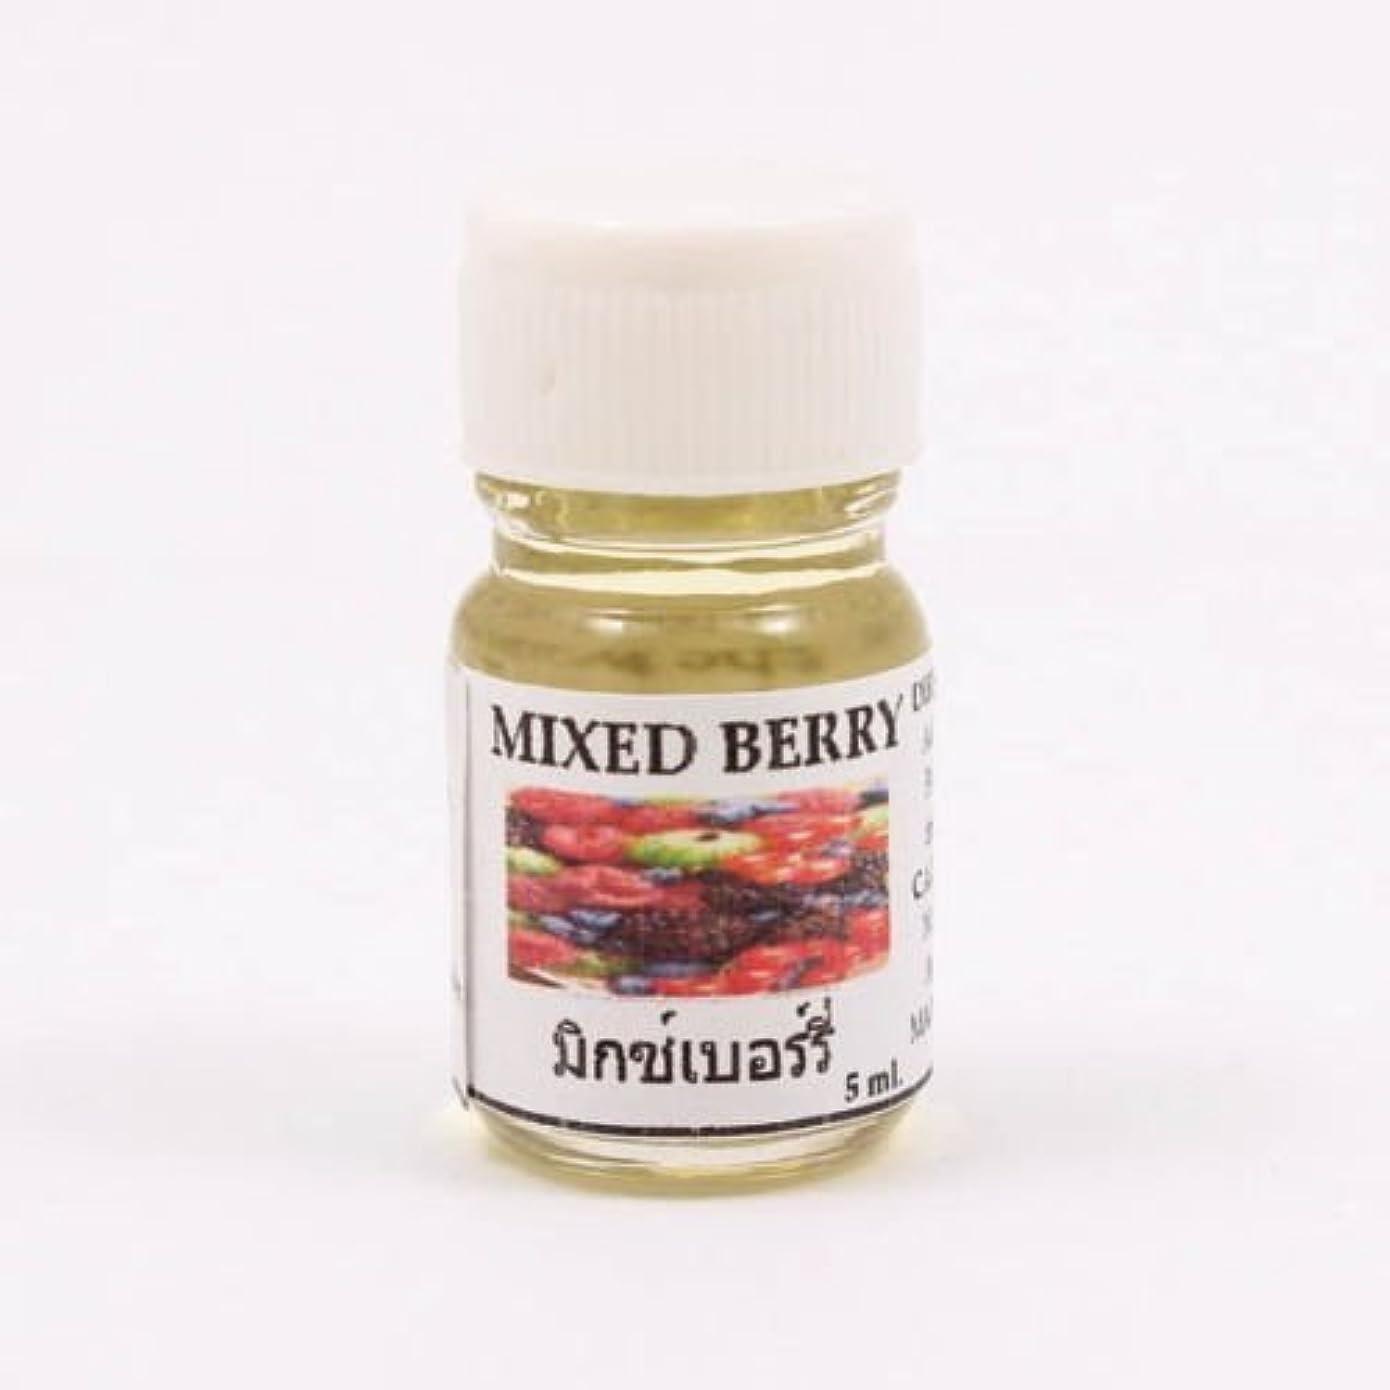 謙虚なセグメント変成器6X Mixed Berry Aroma Fragrance Essential Oil 5ML Diffuser Burner Therapy